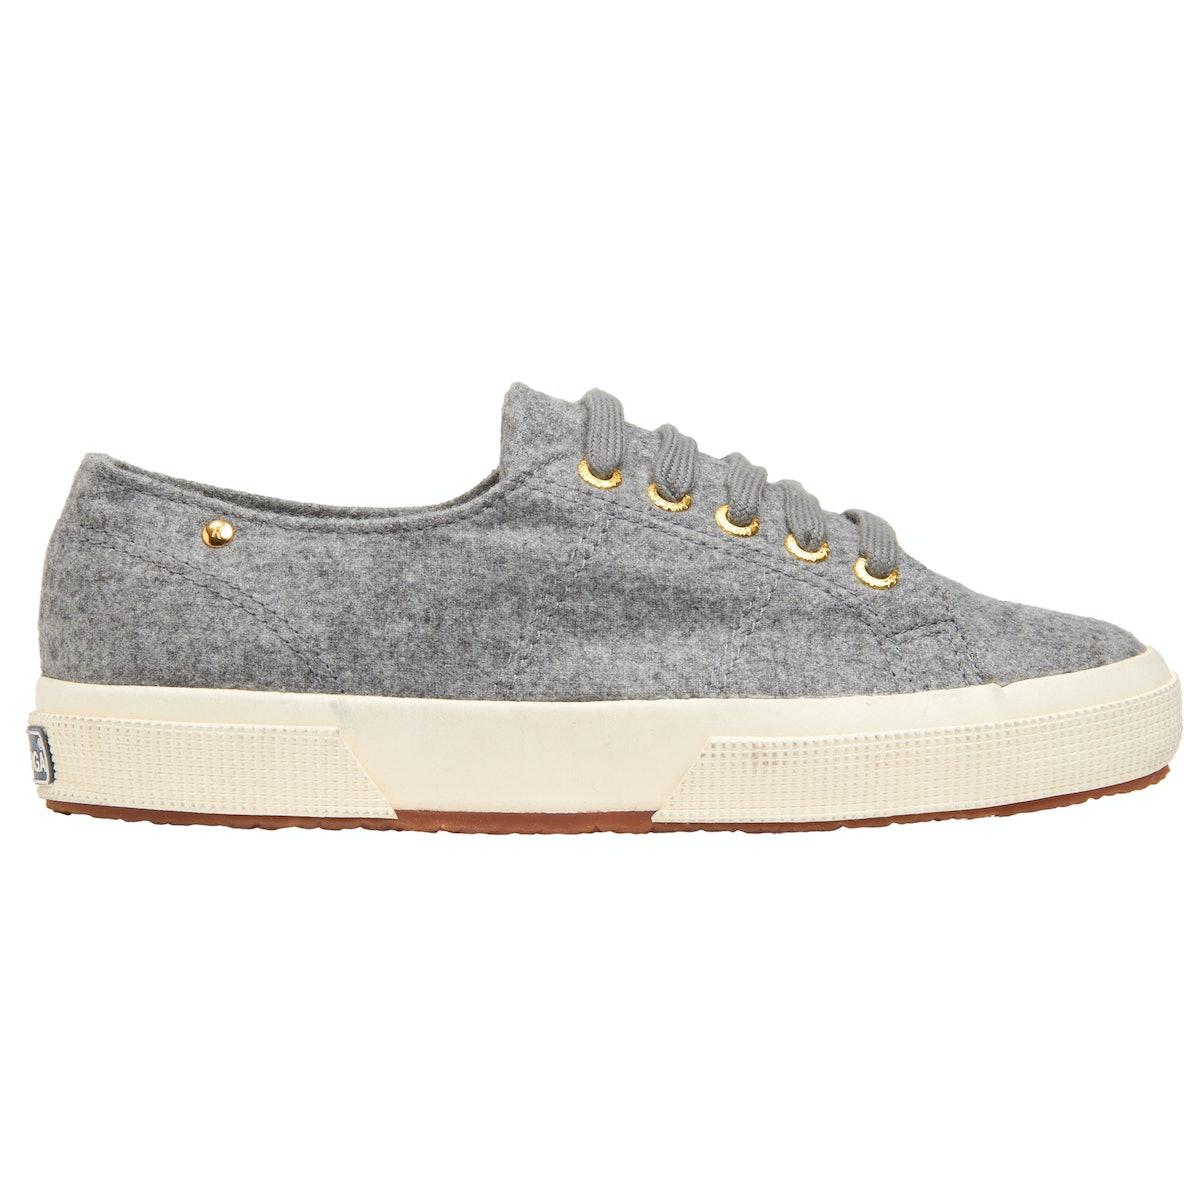 Superga x The Row cashmere low top sneaker, $325, [barneys.com](http://www.barneys.com/Superga%20x%2...